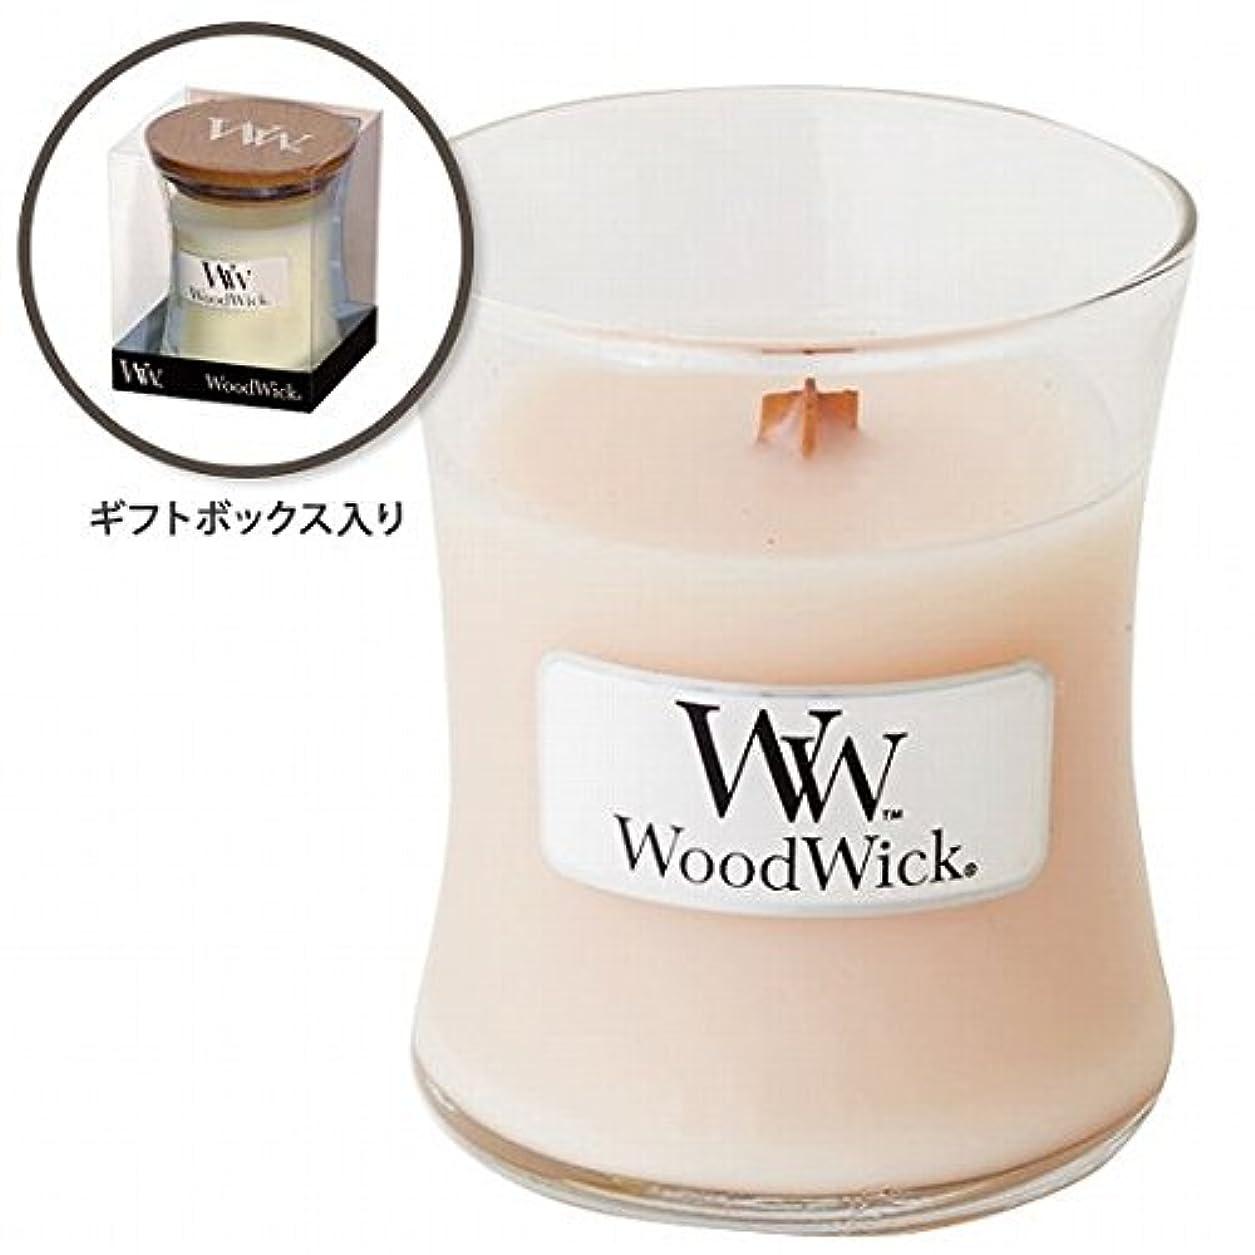 骨の折れるディスコ北方ウッドウィック( WoodWick ) Wood WickジャーS 「コースタルサンセット」